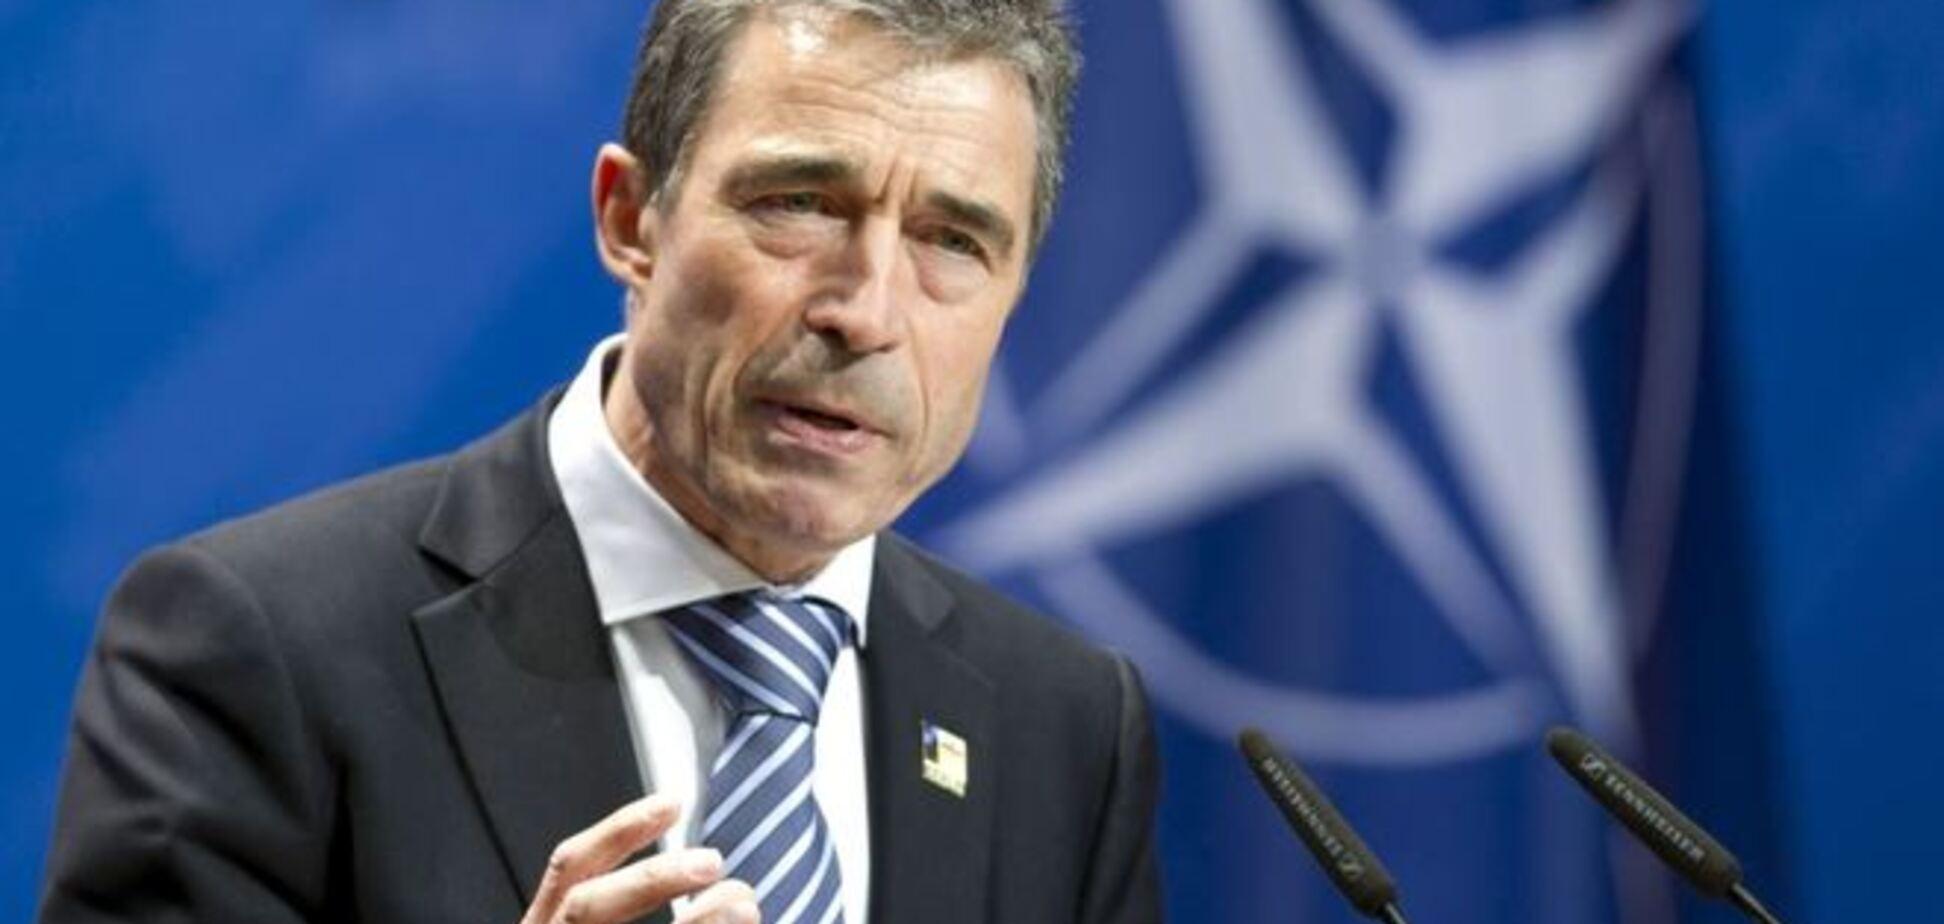 НАТО по-прежнему обеспокоено действиями России относительно Украины